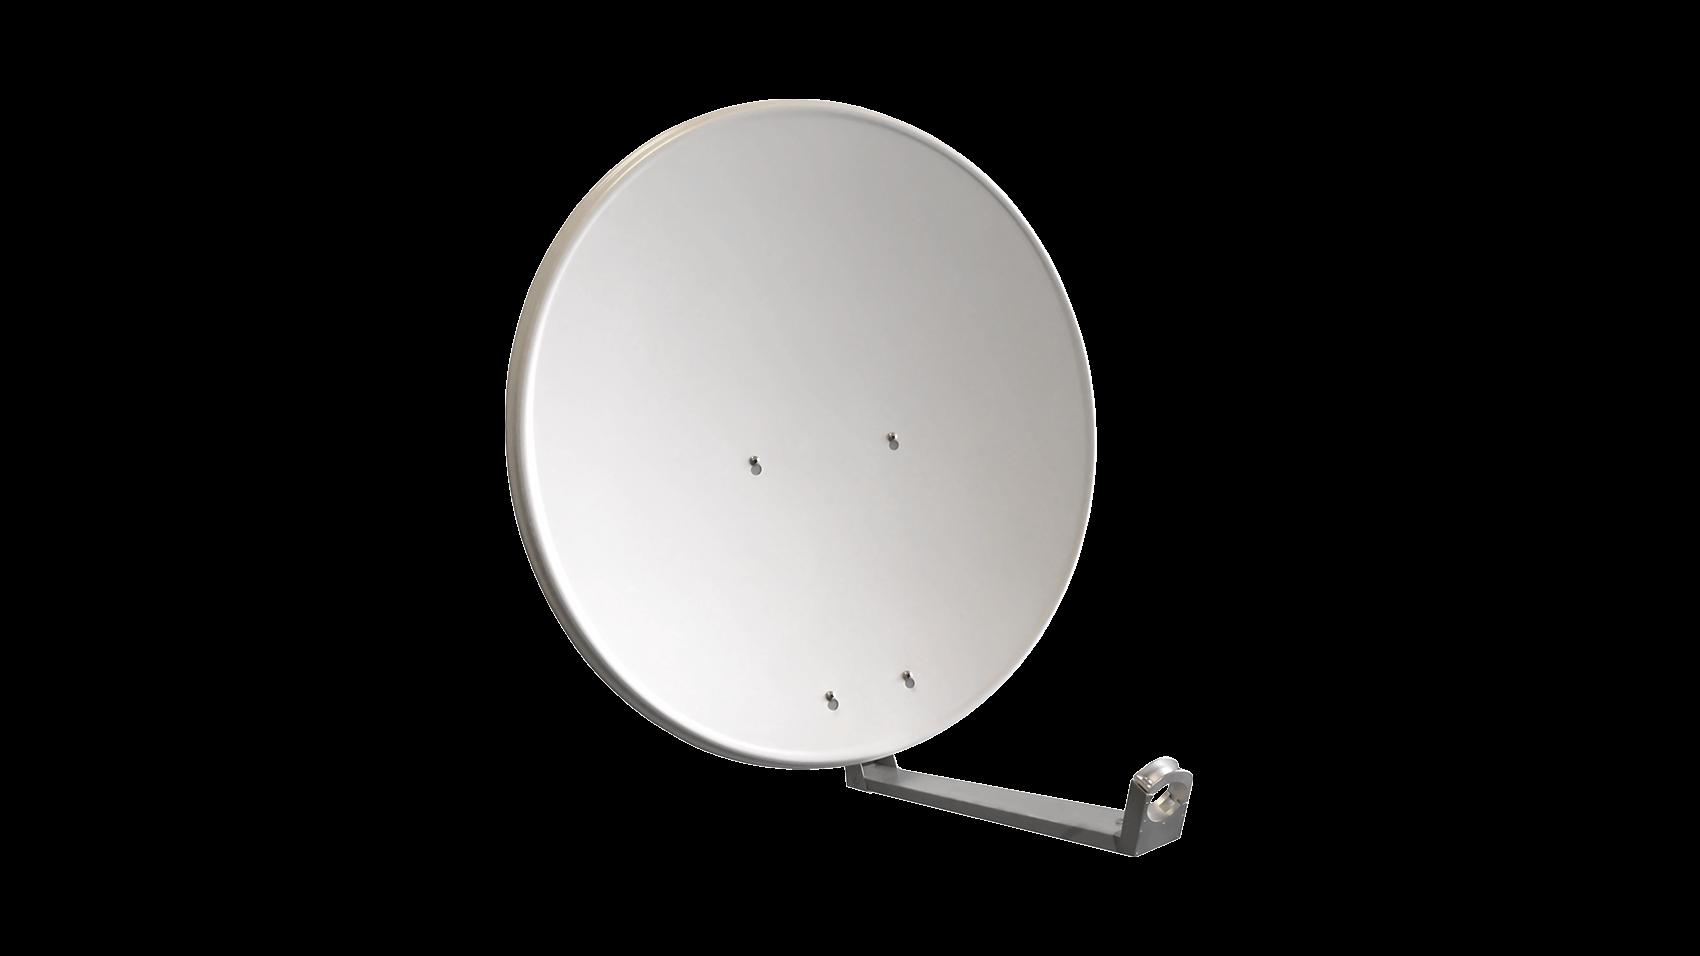 Satelliten-Spiegel